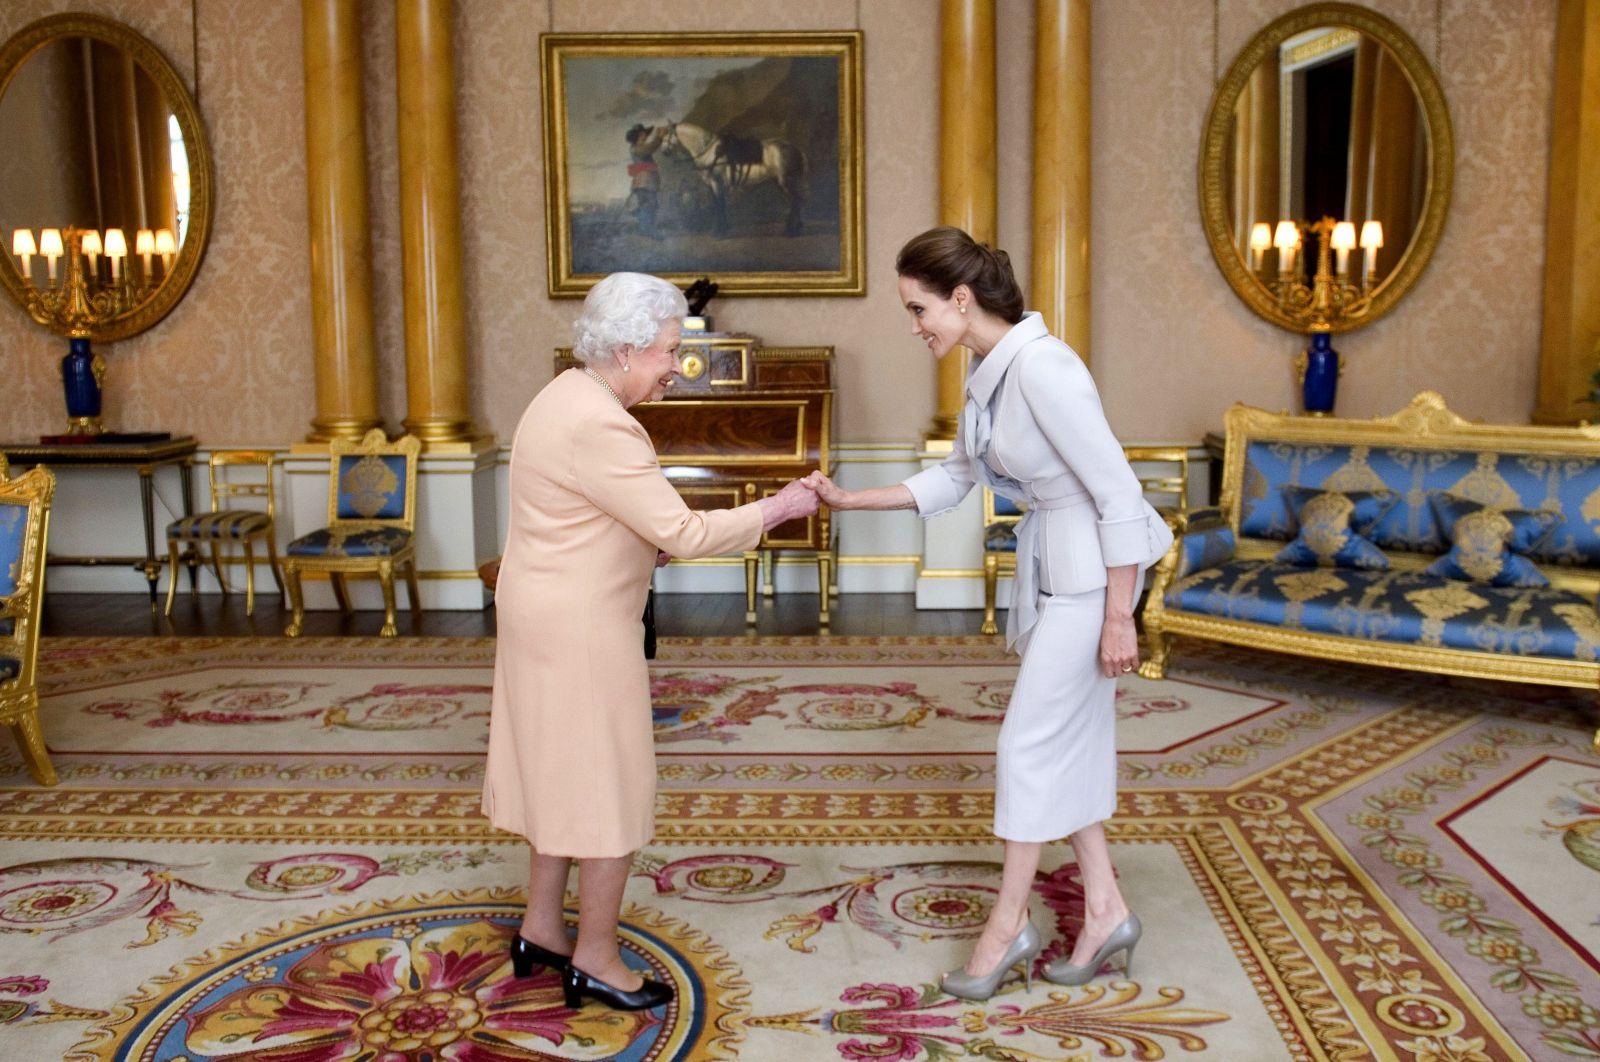 Анджелина Джоли блистает в изысканном наряде на вручении почетного титула